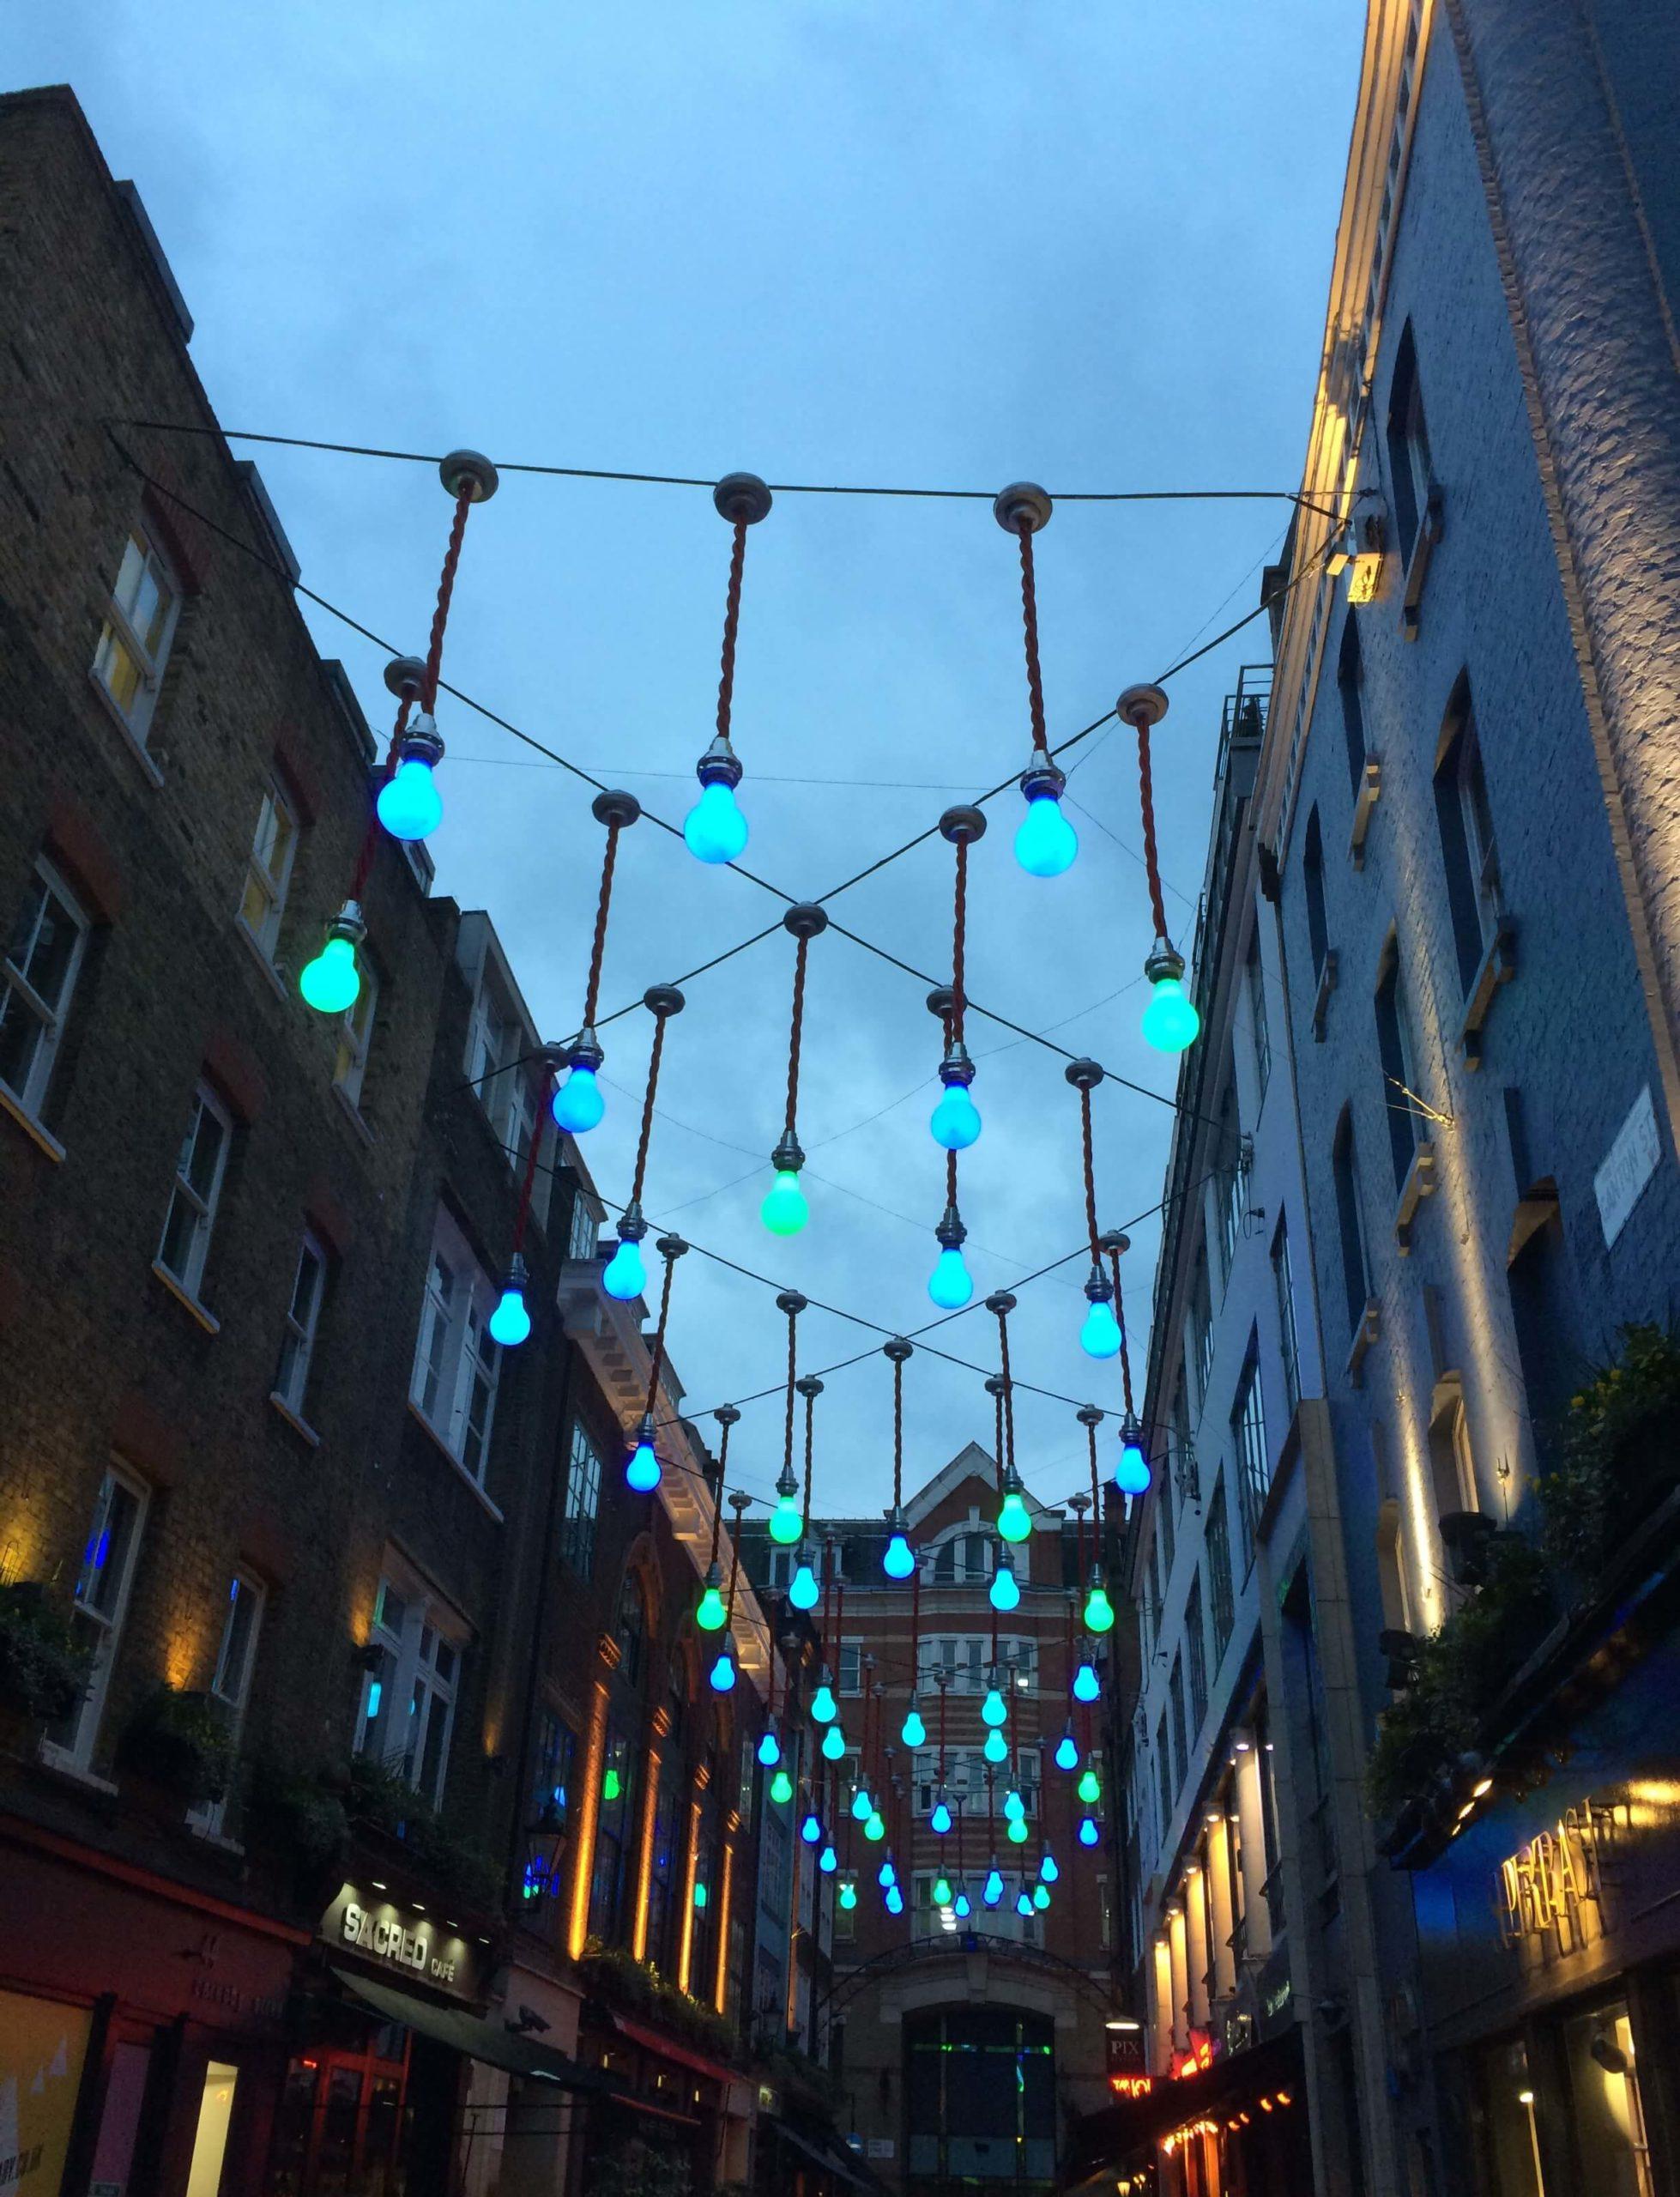 Ganton street london meeri wild